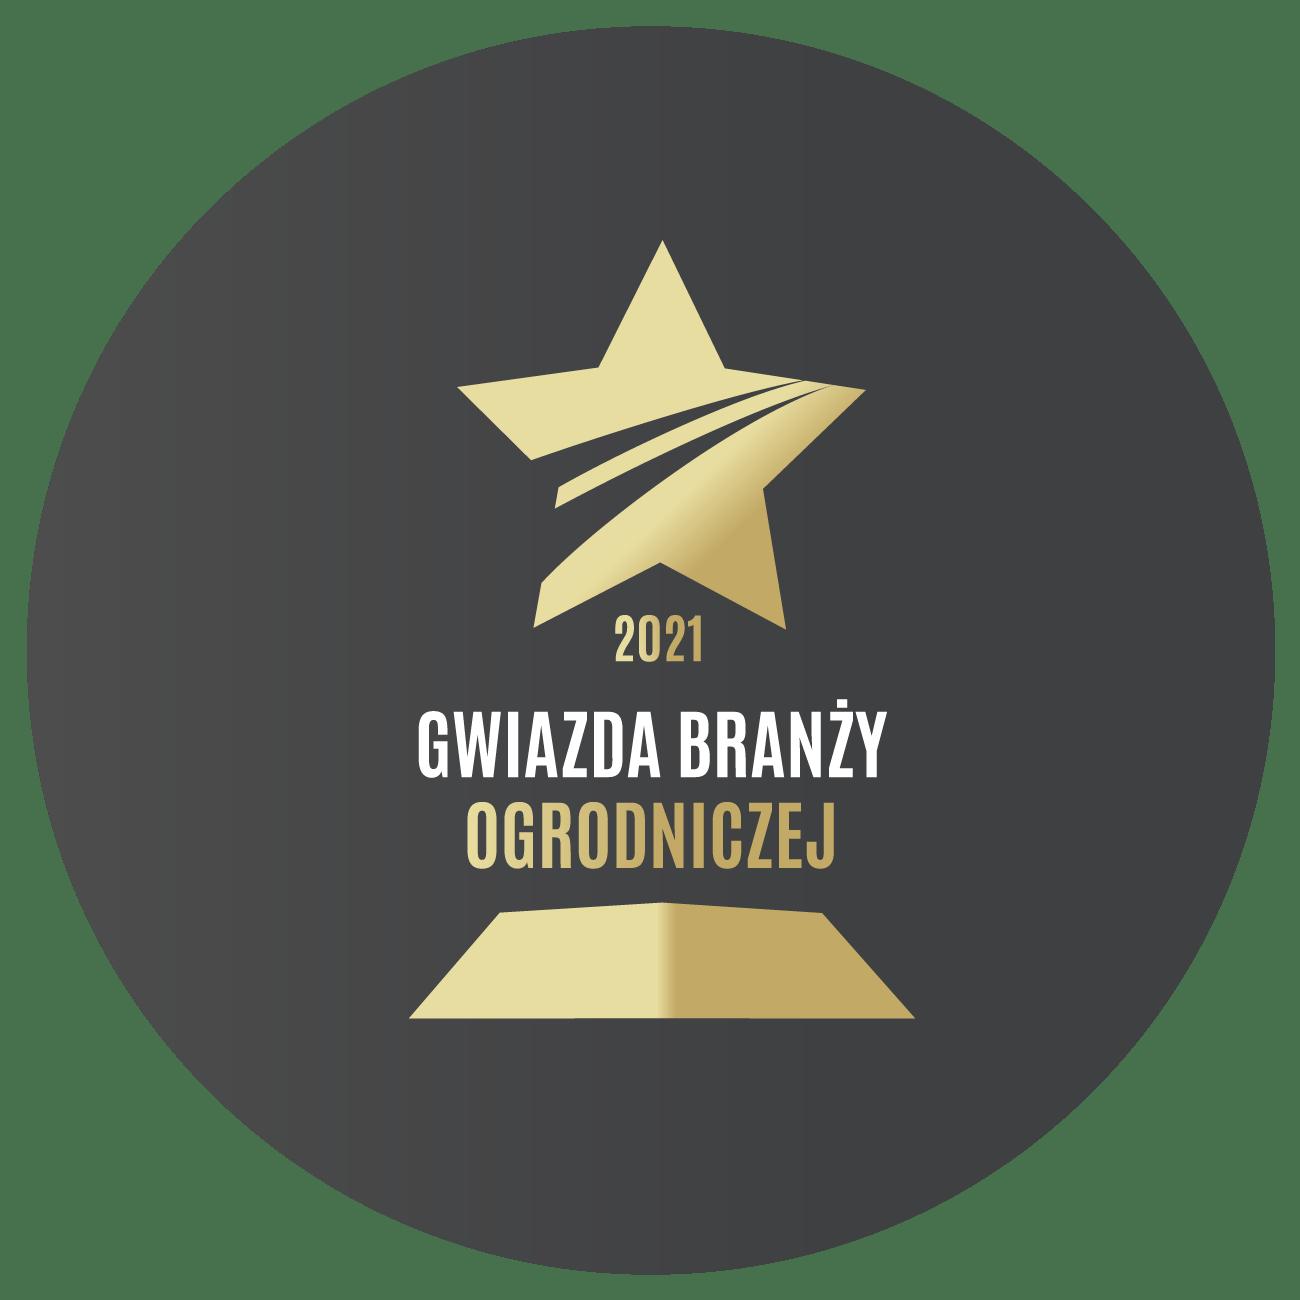 gardening sector star award logo